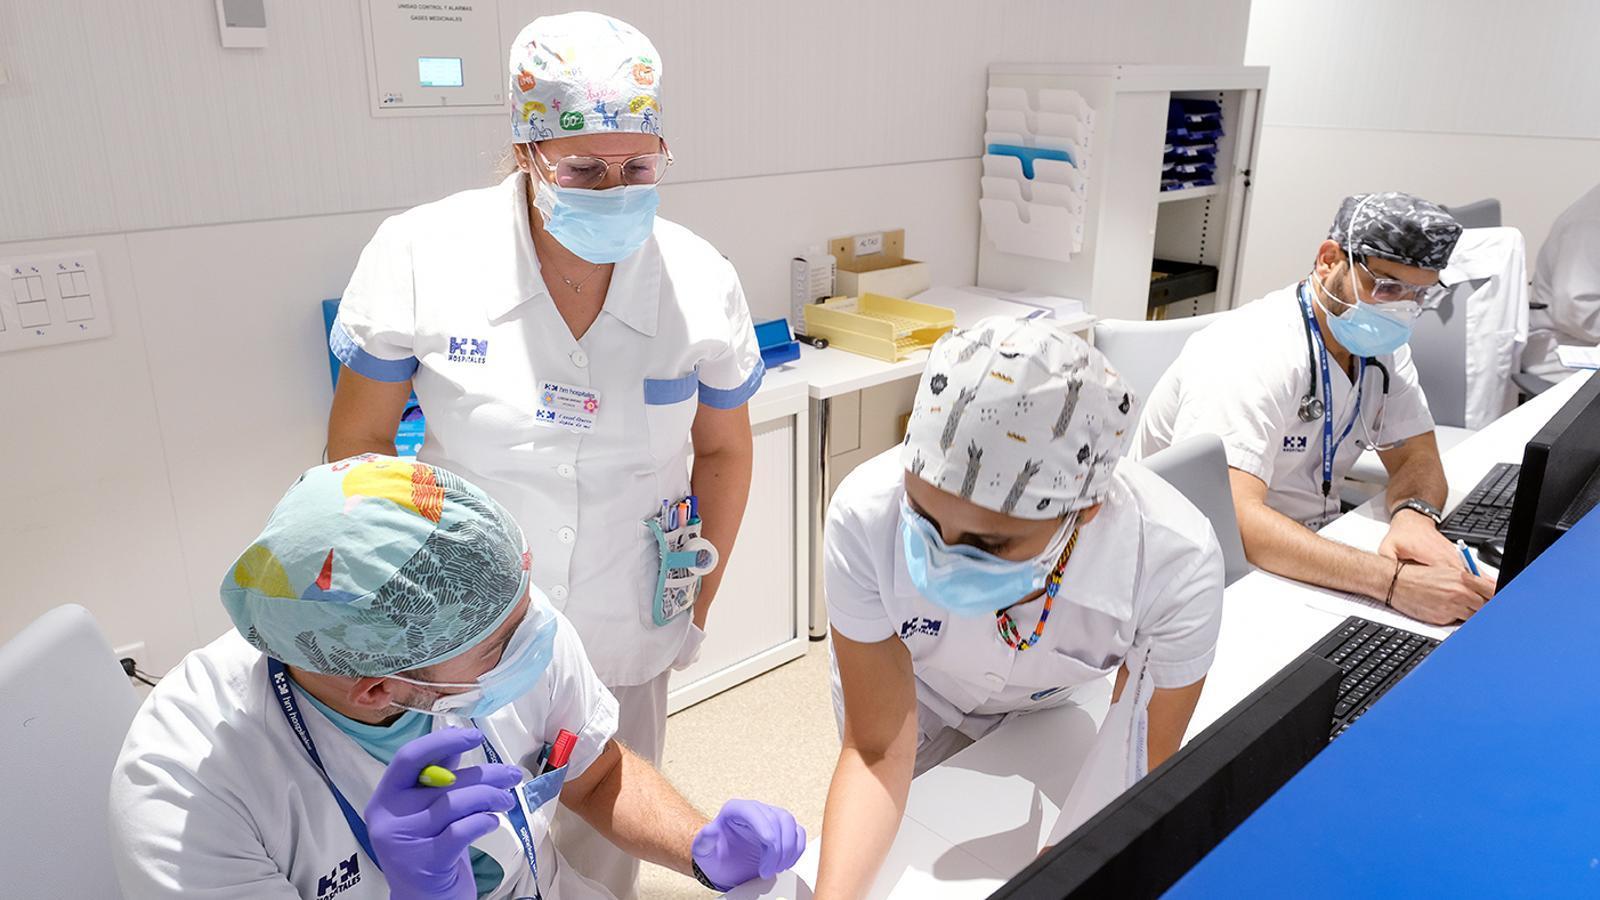 Imatge de plena activitat al control d'infermeria